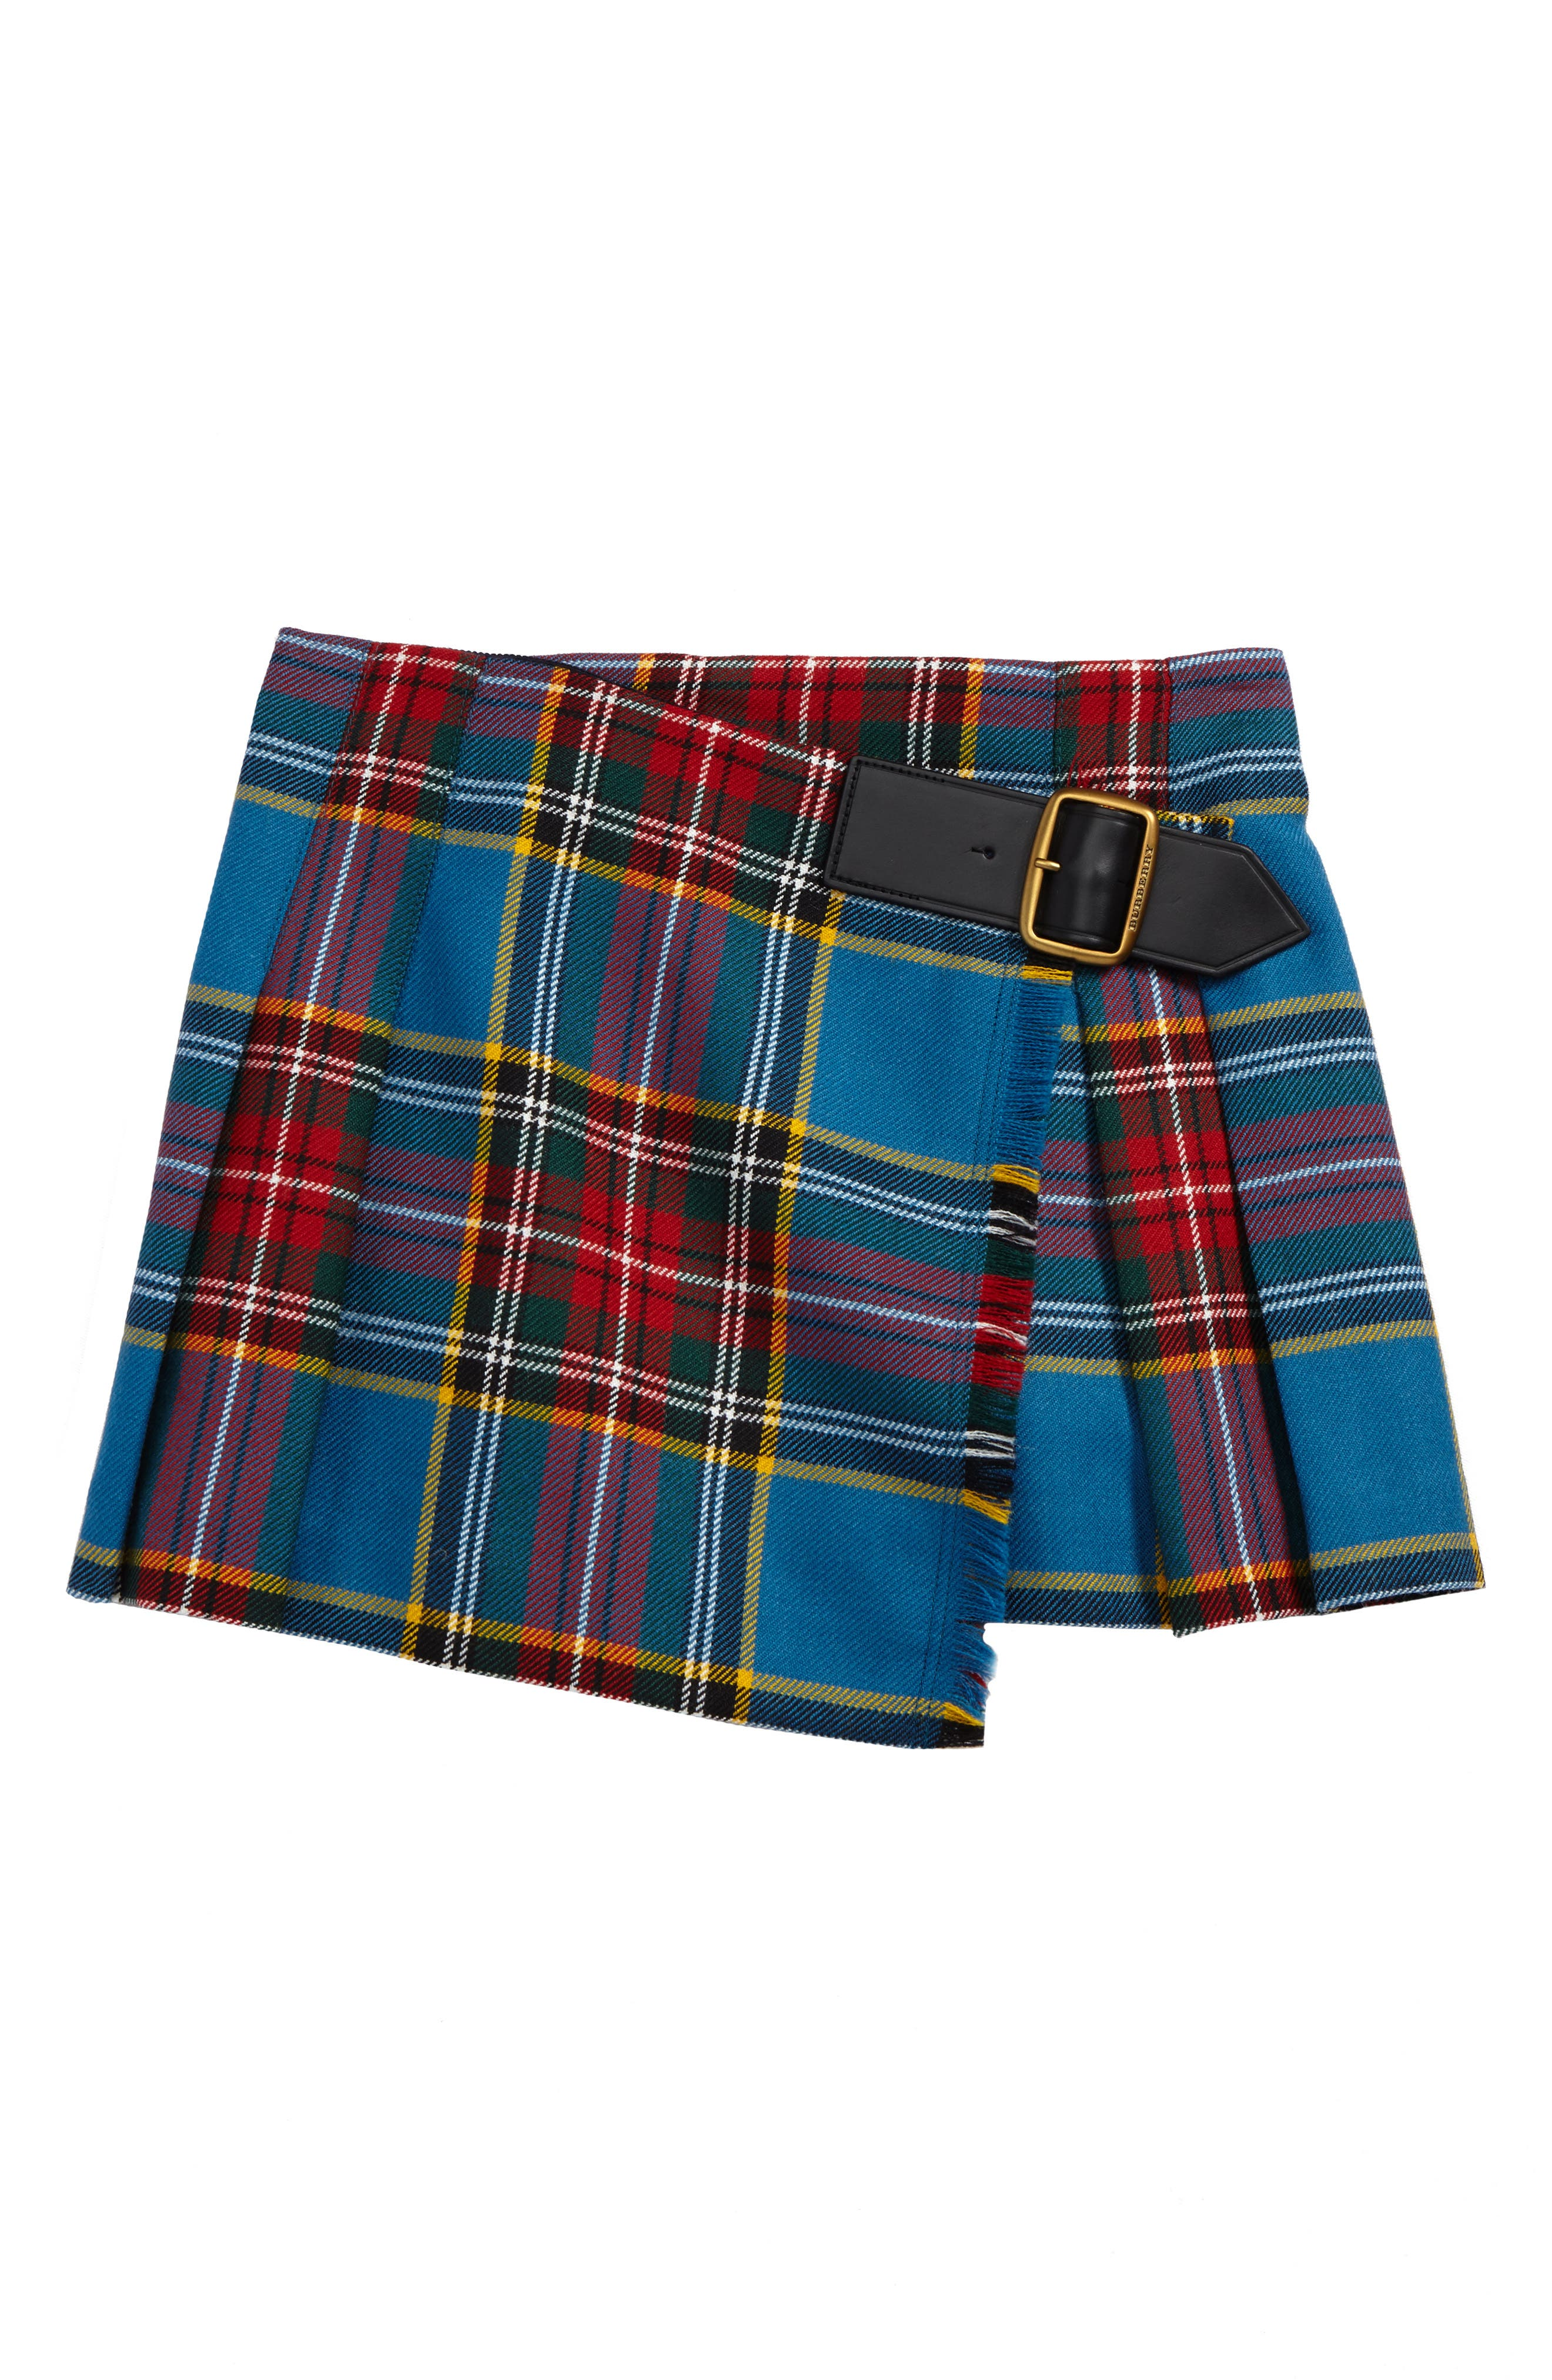 Main Image - Burberry Klorrie Plaid Wool Miniskirt (Little Girls & Big Girls)